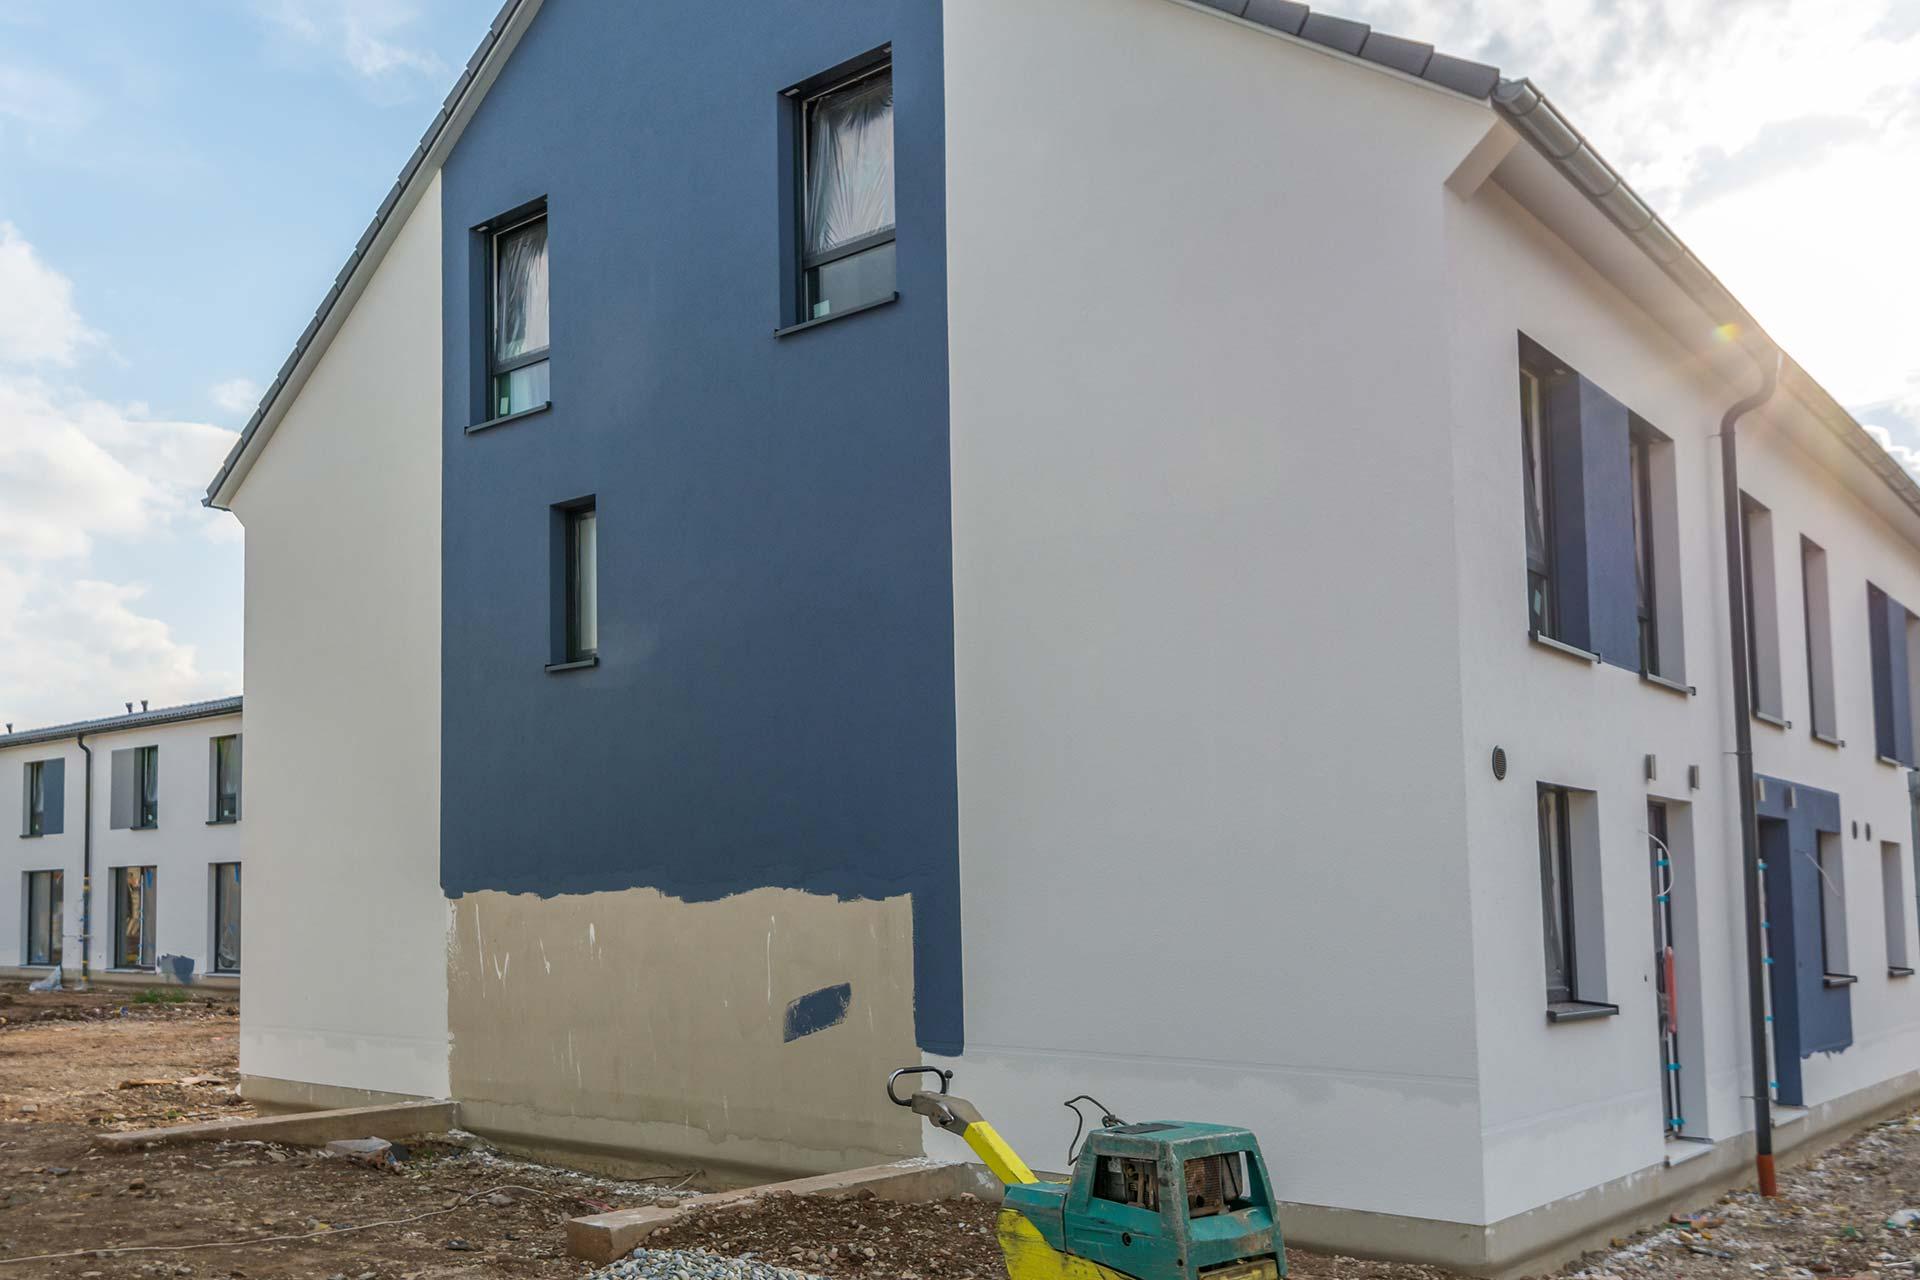 Malerarbeiten und Lackierarbeiten - Fassadenanstrich beim Neubau